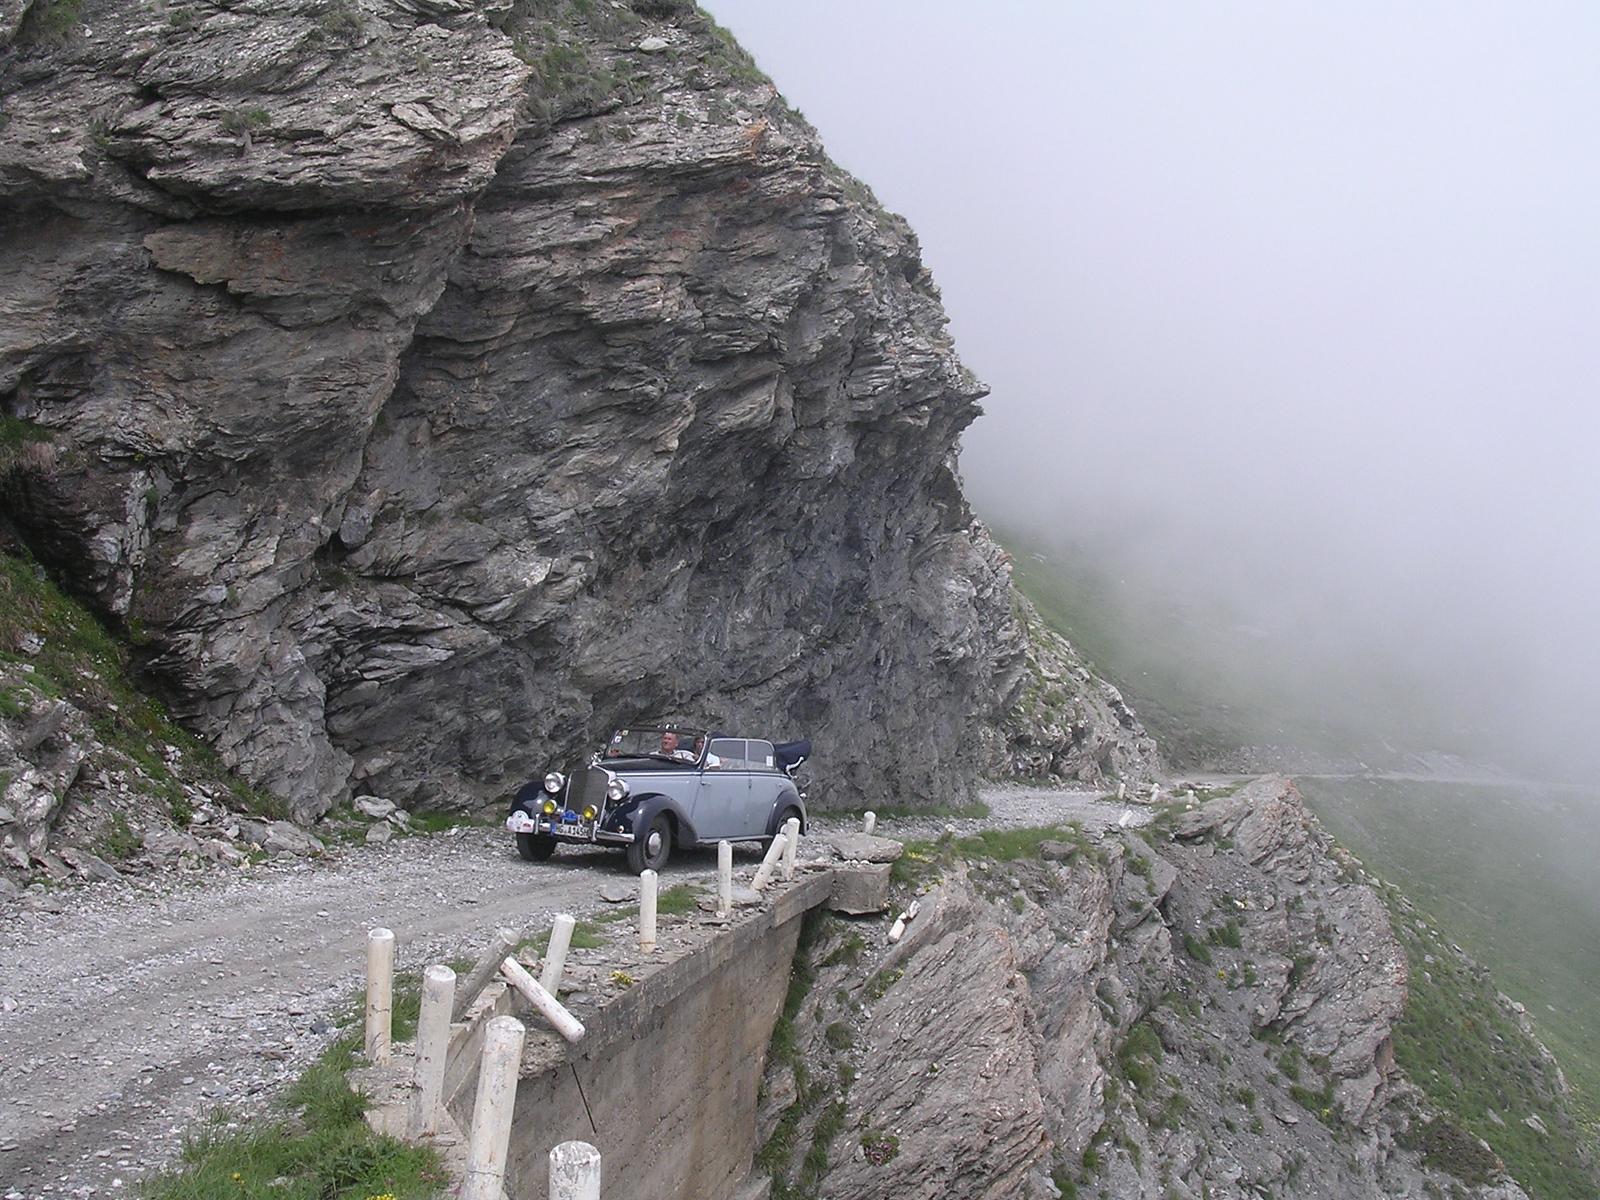 Ausgesetzt 4 = Deel van de weg zonder uitwijkmogelijkheden. Flank aan één kant en afgrond aan de andere